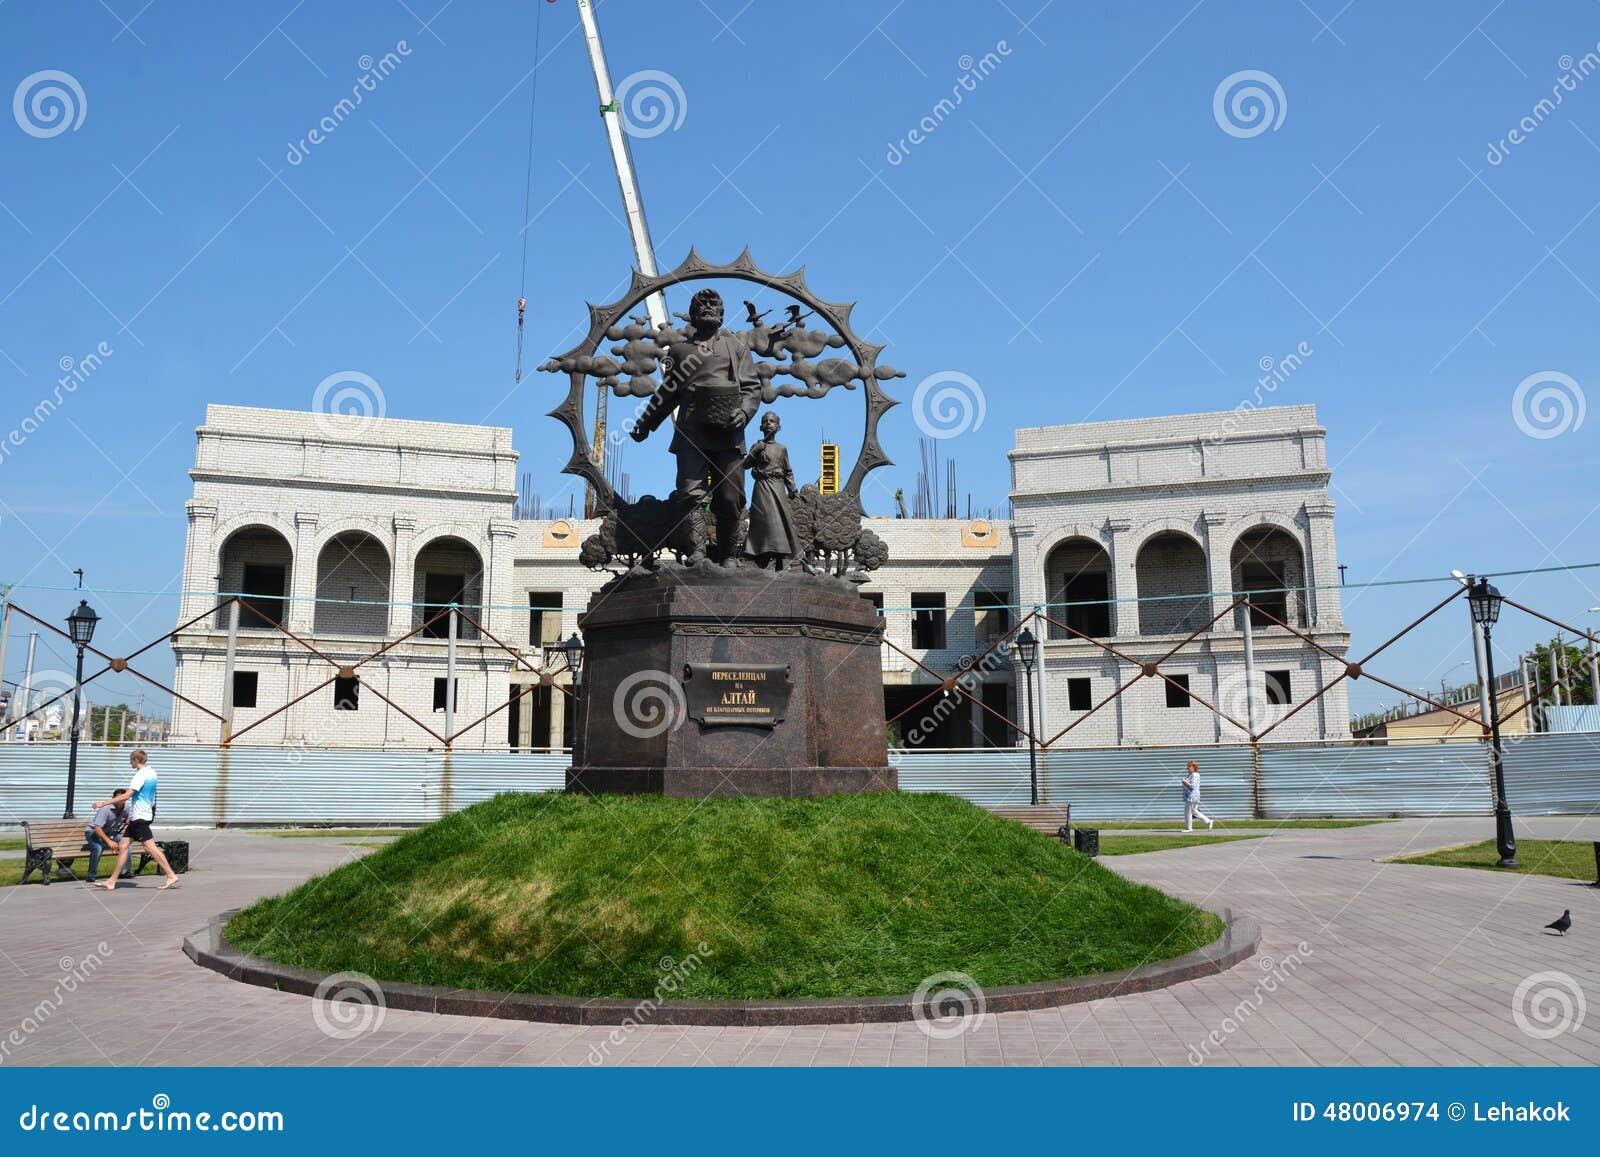 Monumento a los colonos